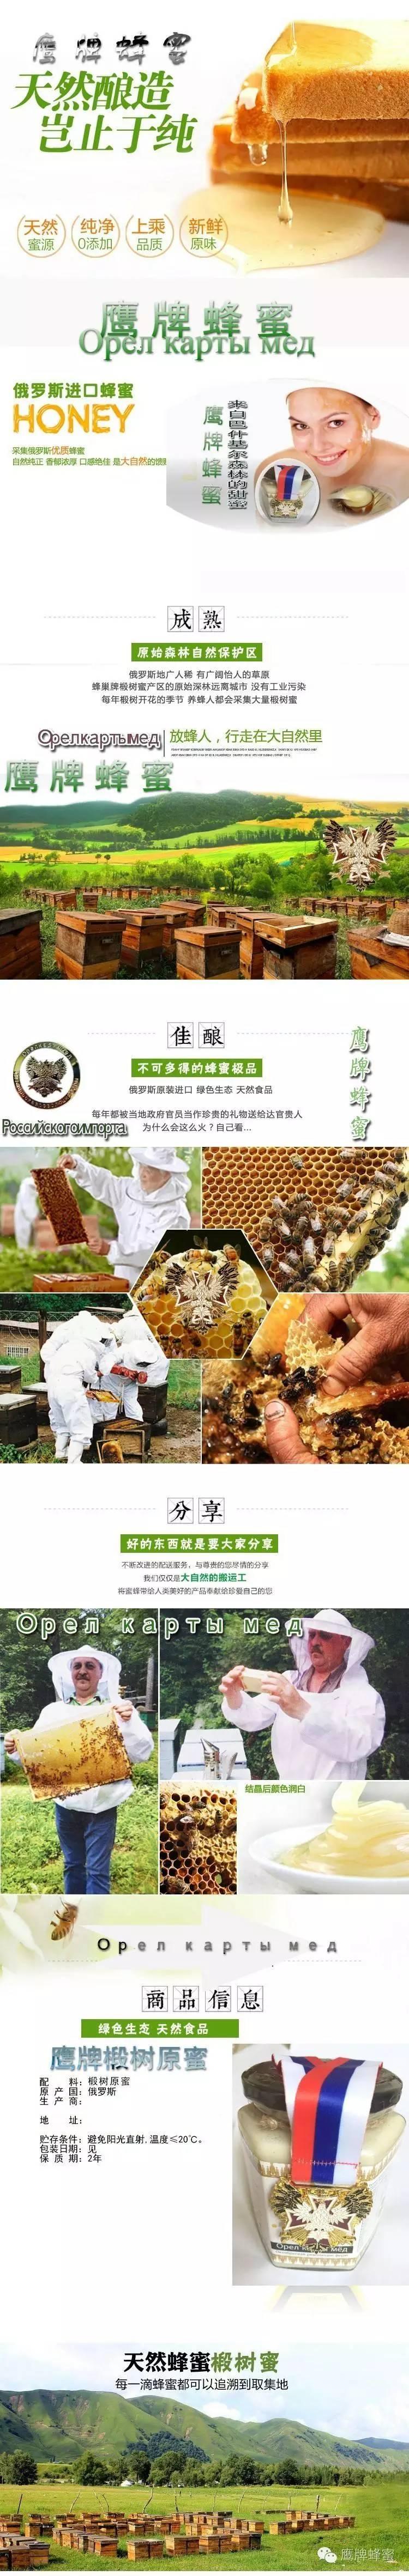 蜂蜜啤酒 蜂蜜祛痘印 蜂蜜减肥 抗衰老 纯天然蜂蜜厂家